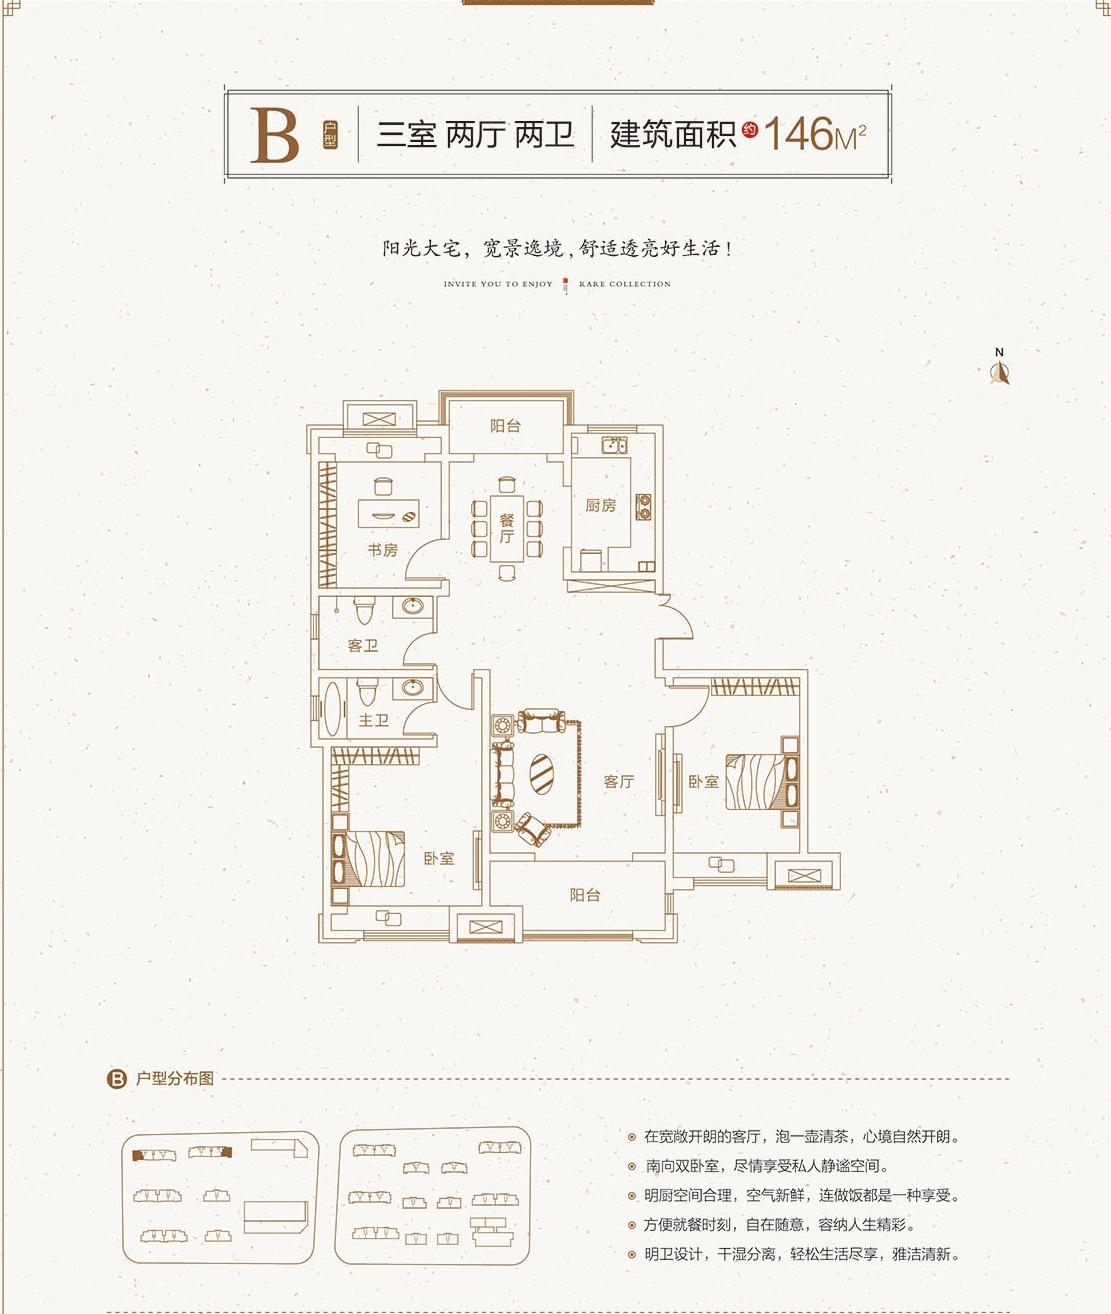 新盛上和园B户型146㎡三室两厅两卫